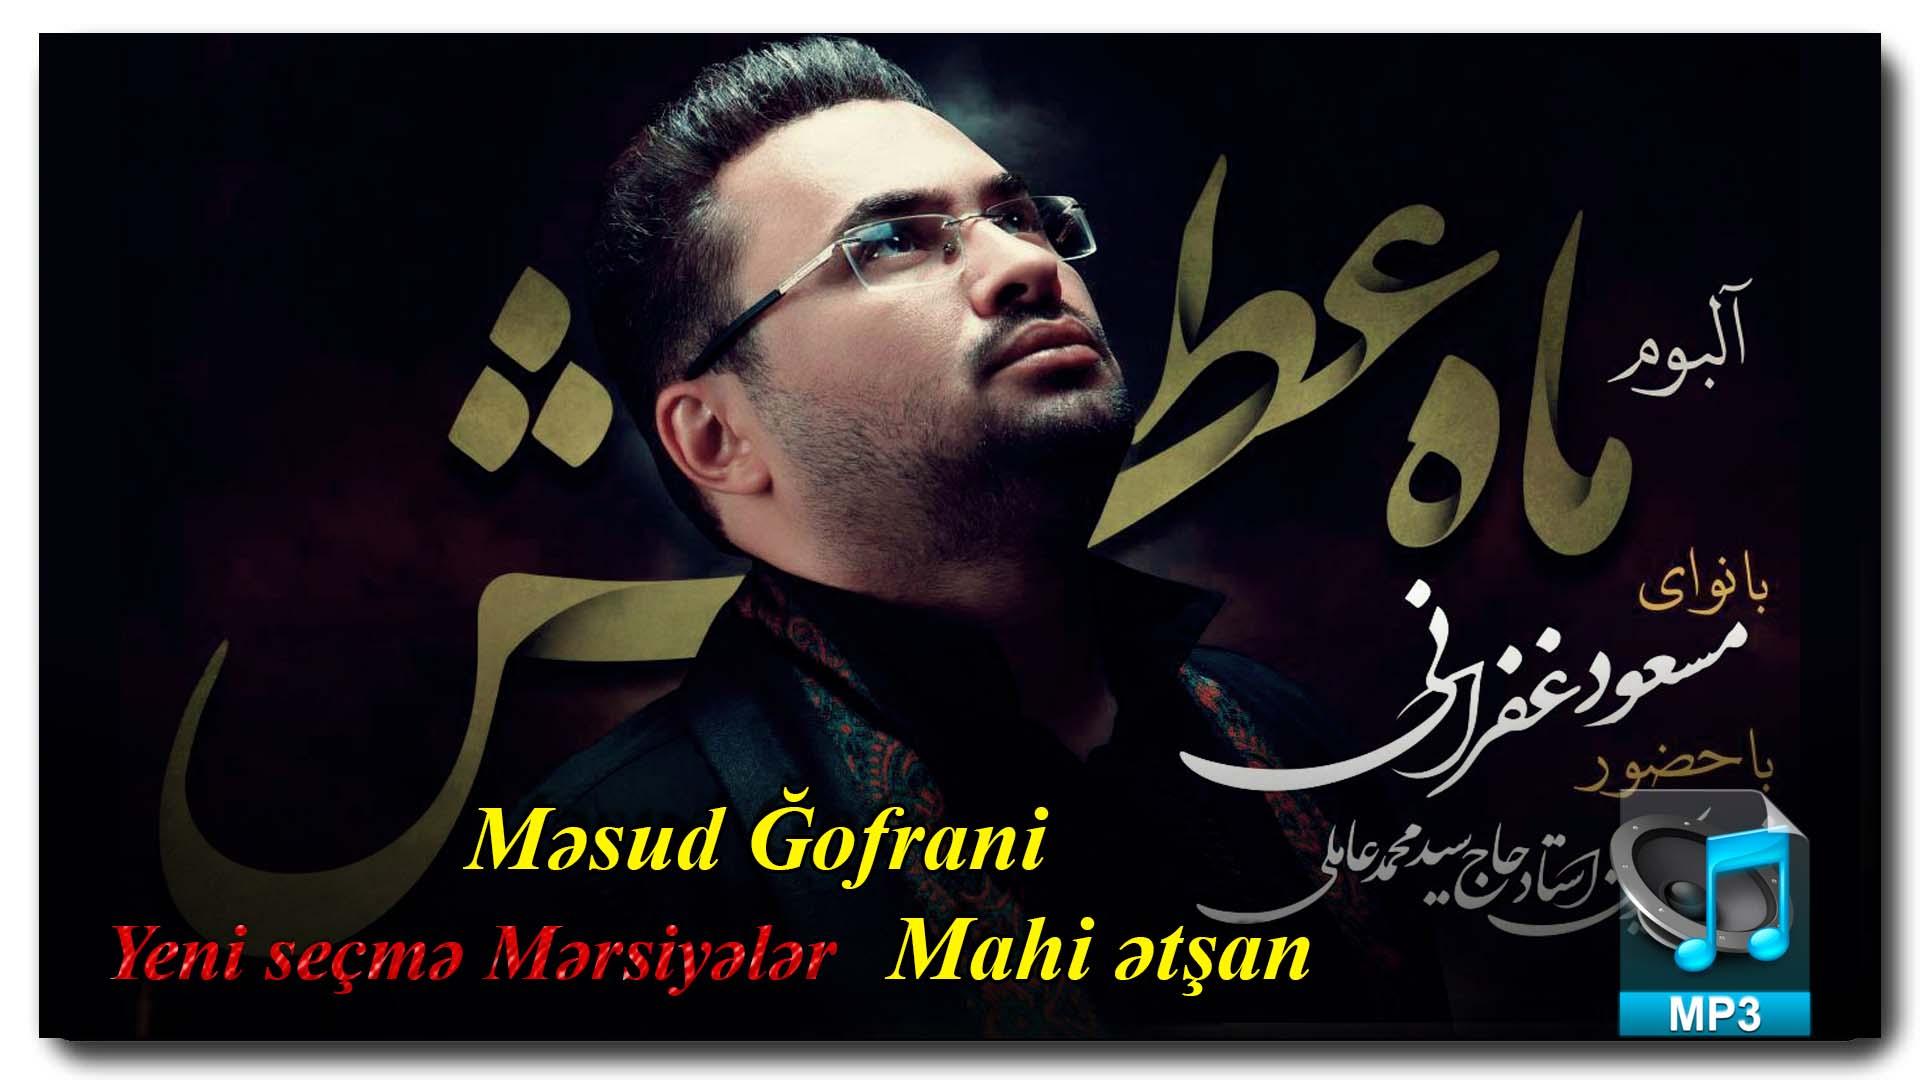 Məsud Ğofrani | Yeni seçmə Mərsiyələr 2020 |İlkdəfə YA-ƏLİ saytında|